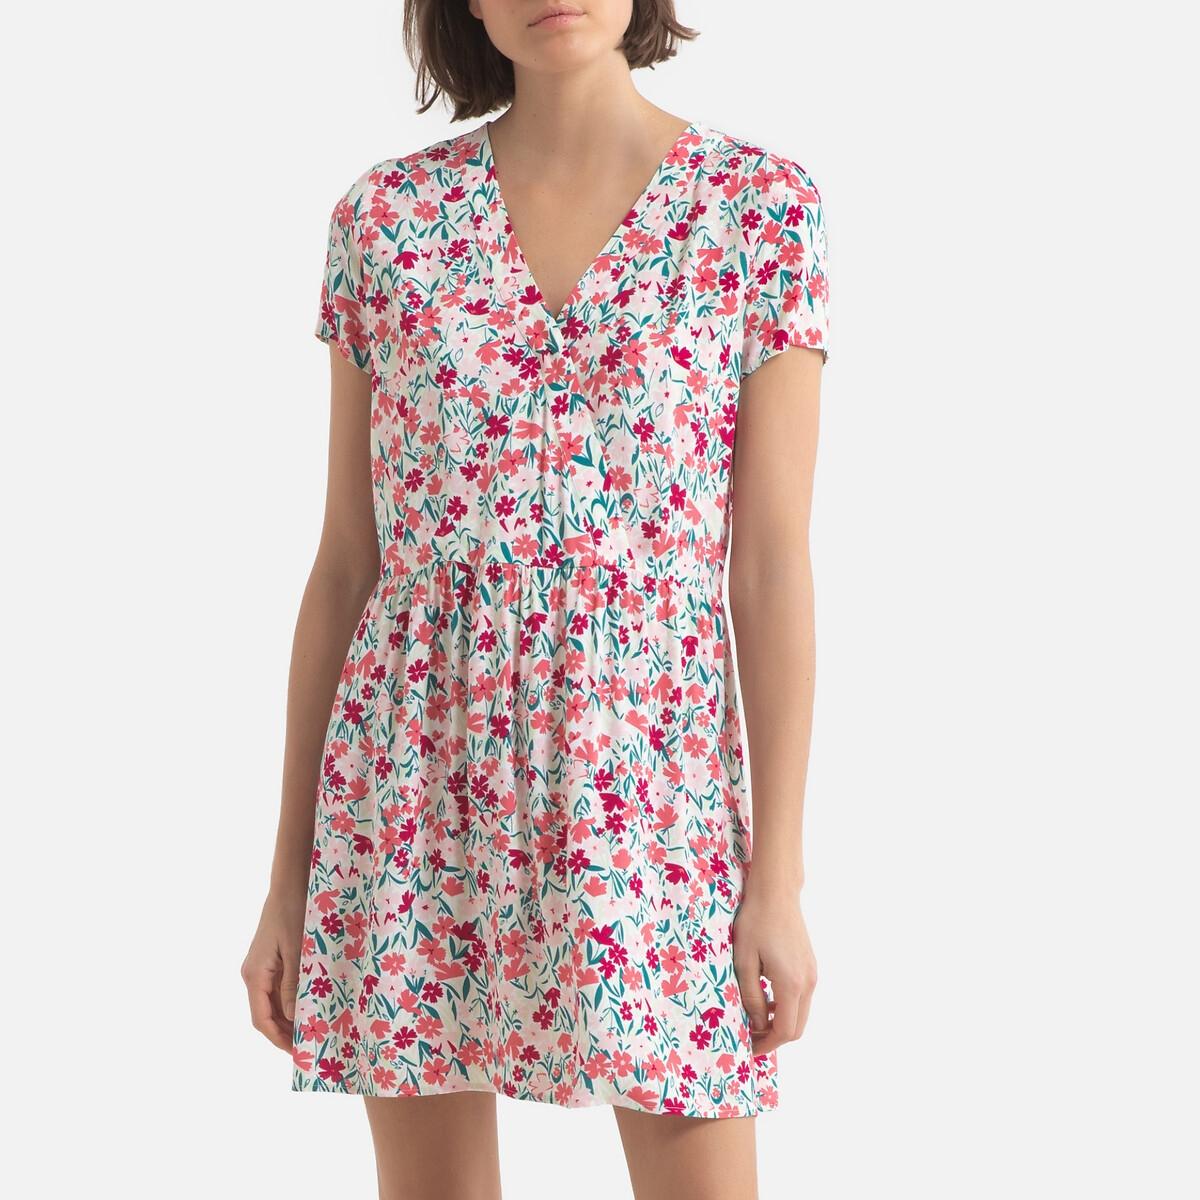 Платье LaRedoute С принтом короткое с короткими рукавами 2(M) розовый футболка laredoute из биохлопка с короткими рукавами vegiflower m зеленый